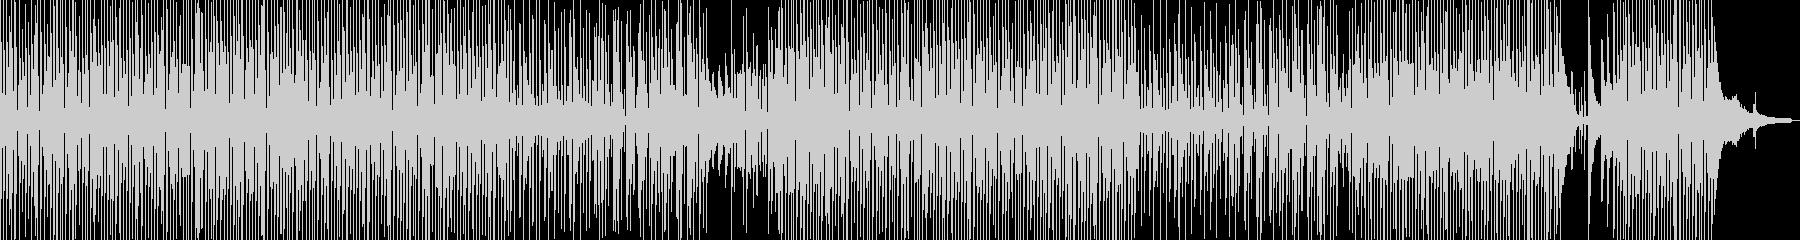 ウクレレのほのぼのするポップス bの未再生の波形